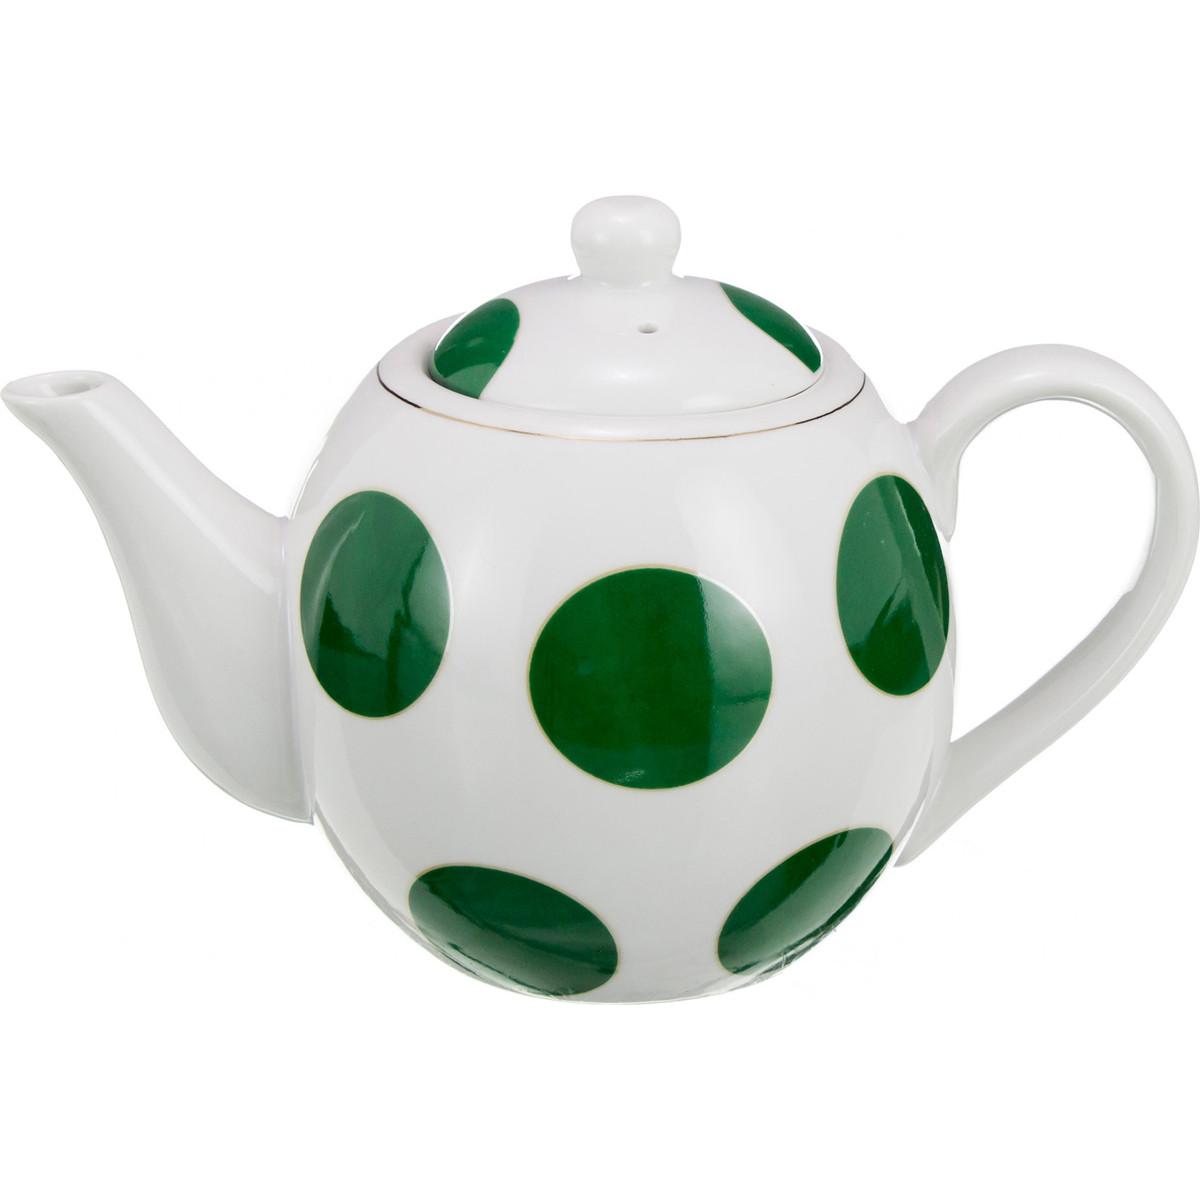 {} Lefard Заварочный чайник Alesha  (750 мл) чайник заварочный miolla с фильтром цвет фиолетовый прозрачный 750 мл dha021p a